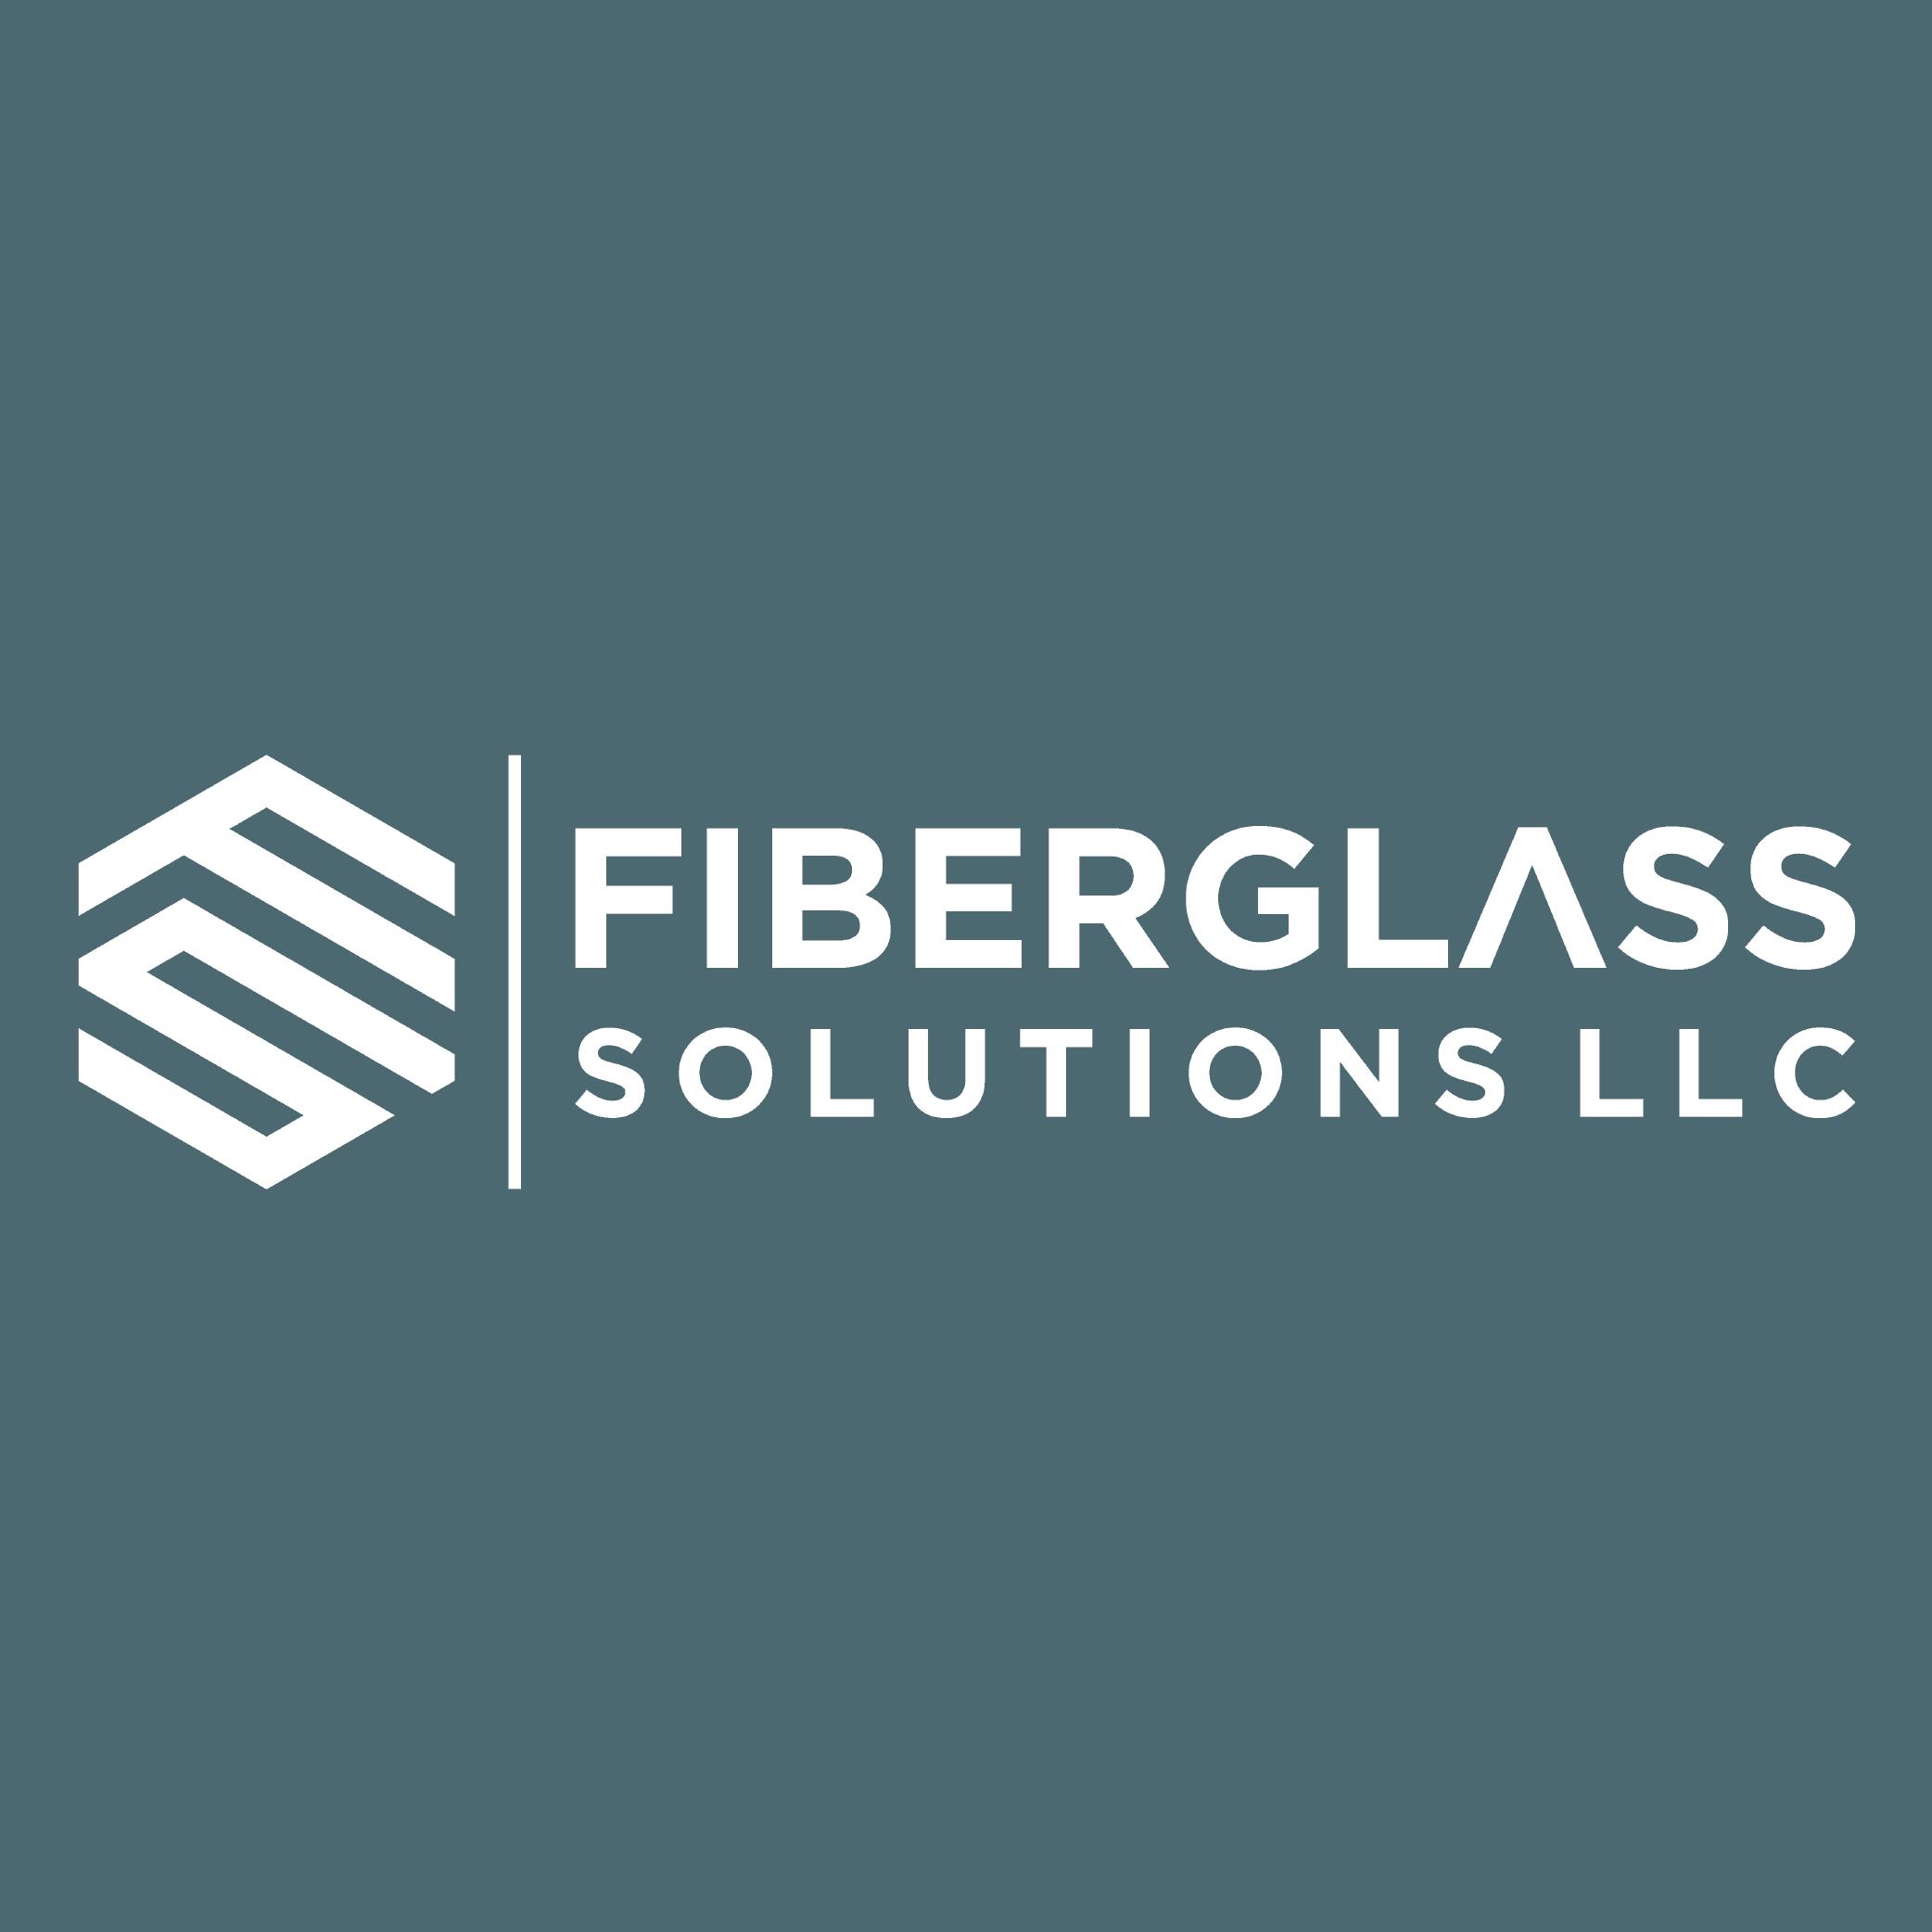 fiberglass.png